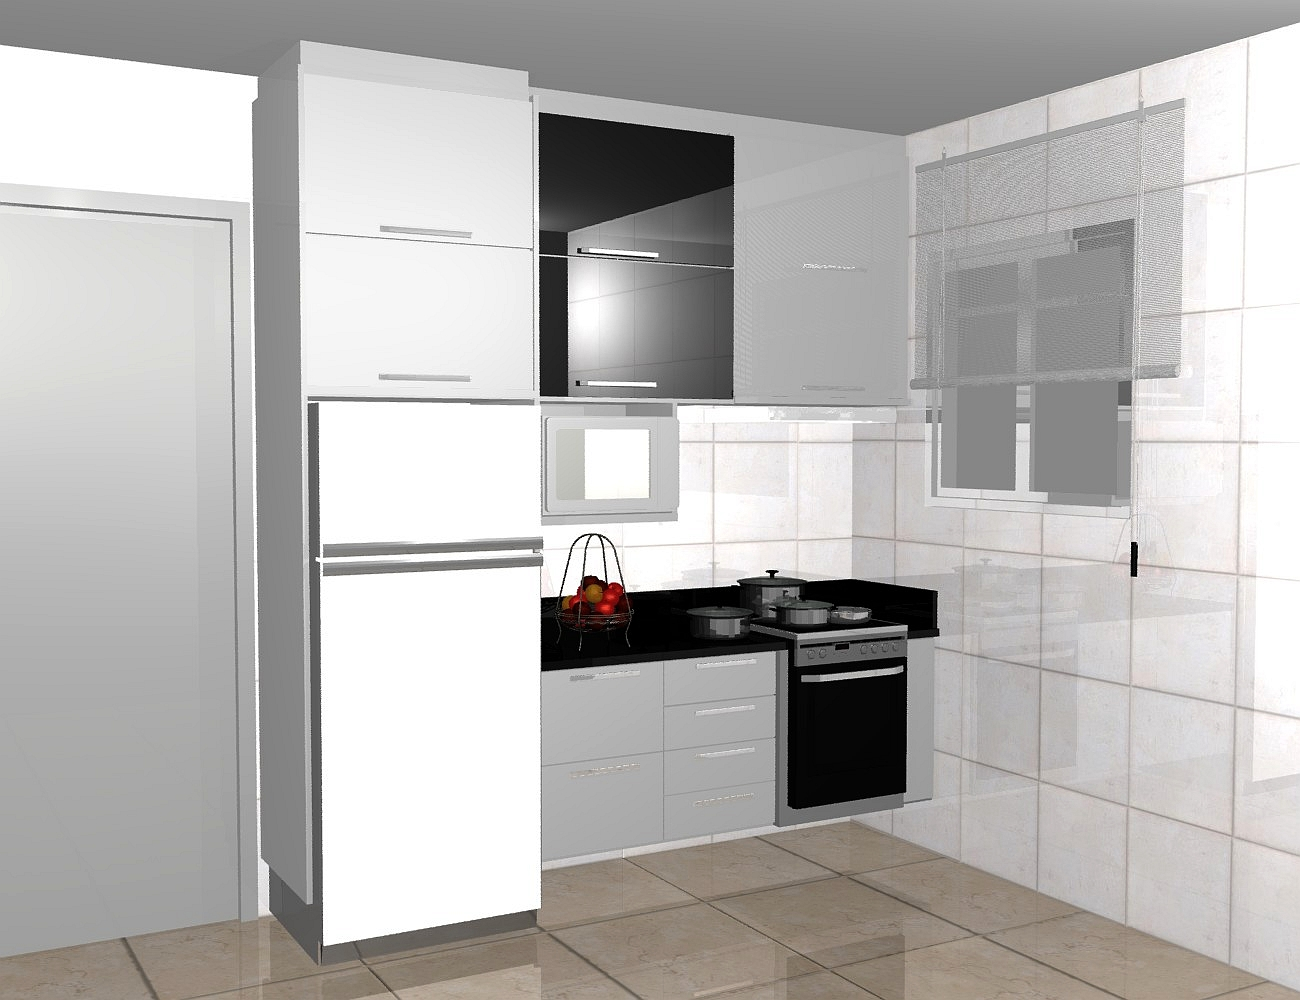 #AE241D Cozinhas Planejadas Pequenas 7 Cozinhas Planejadas Pequenas E Modernas  1300x1000 px Projetos De Cozinhas Externas Pequenas #565 imagens